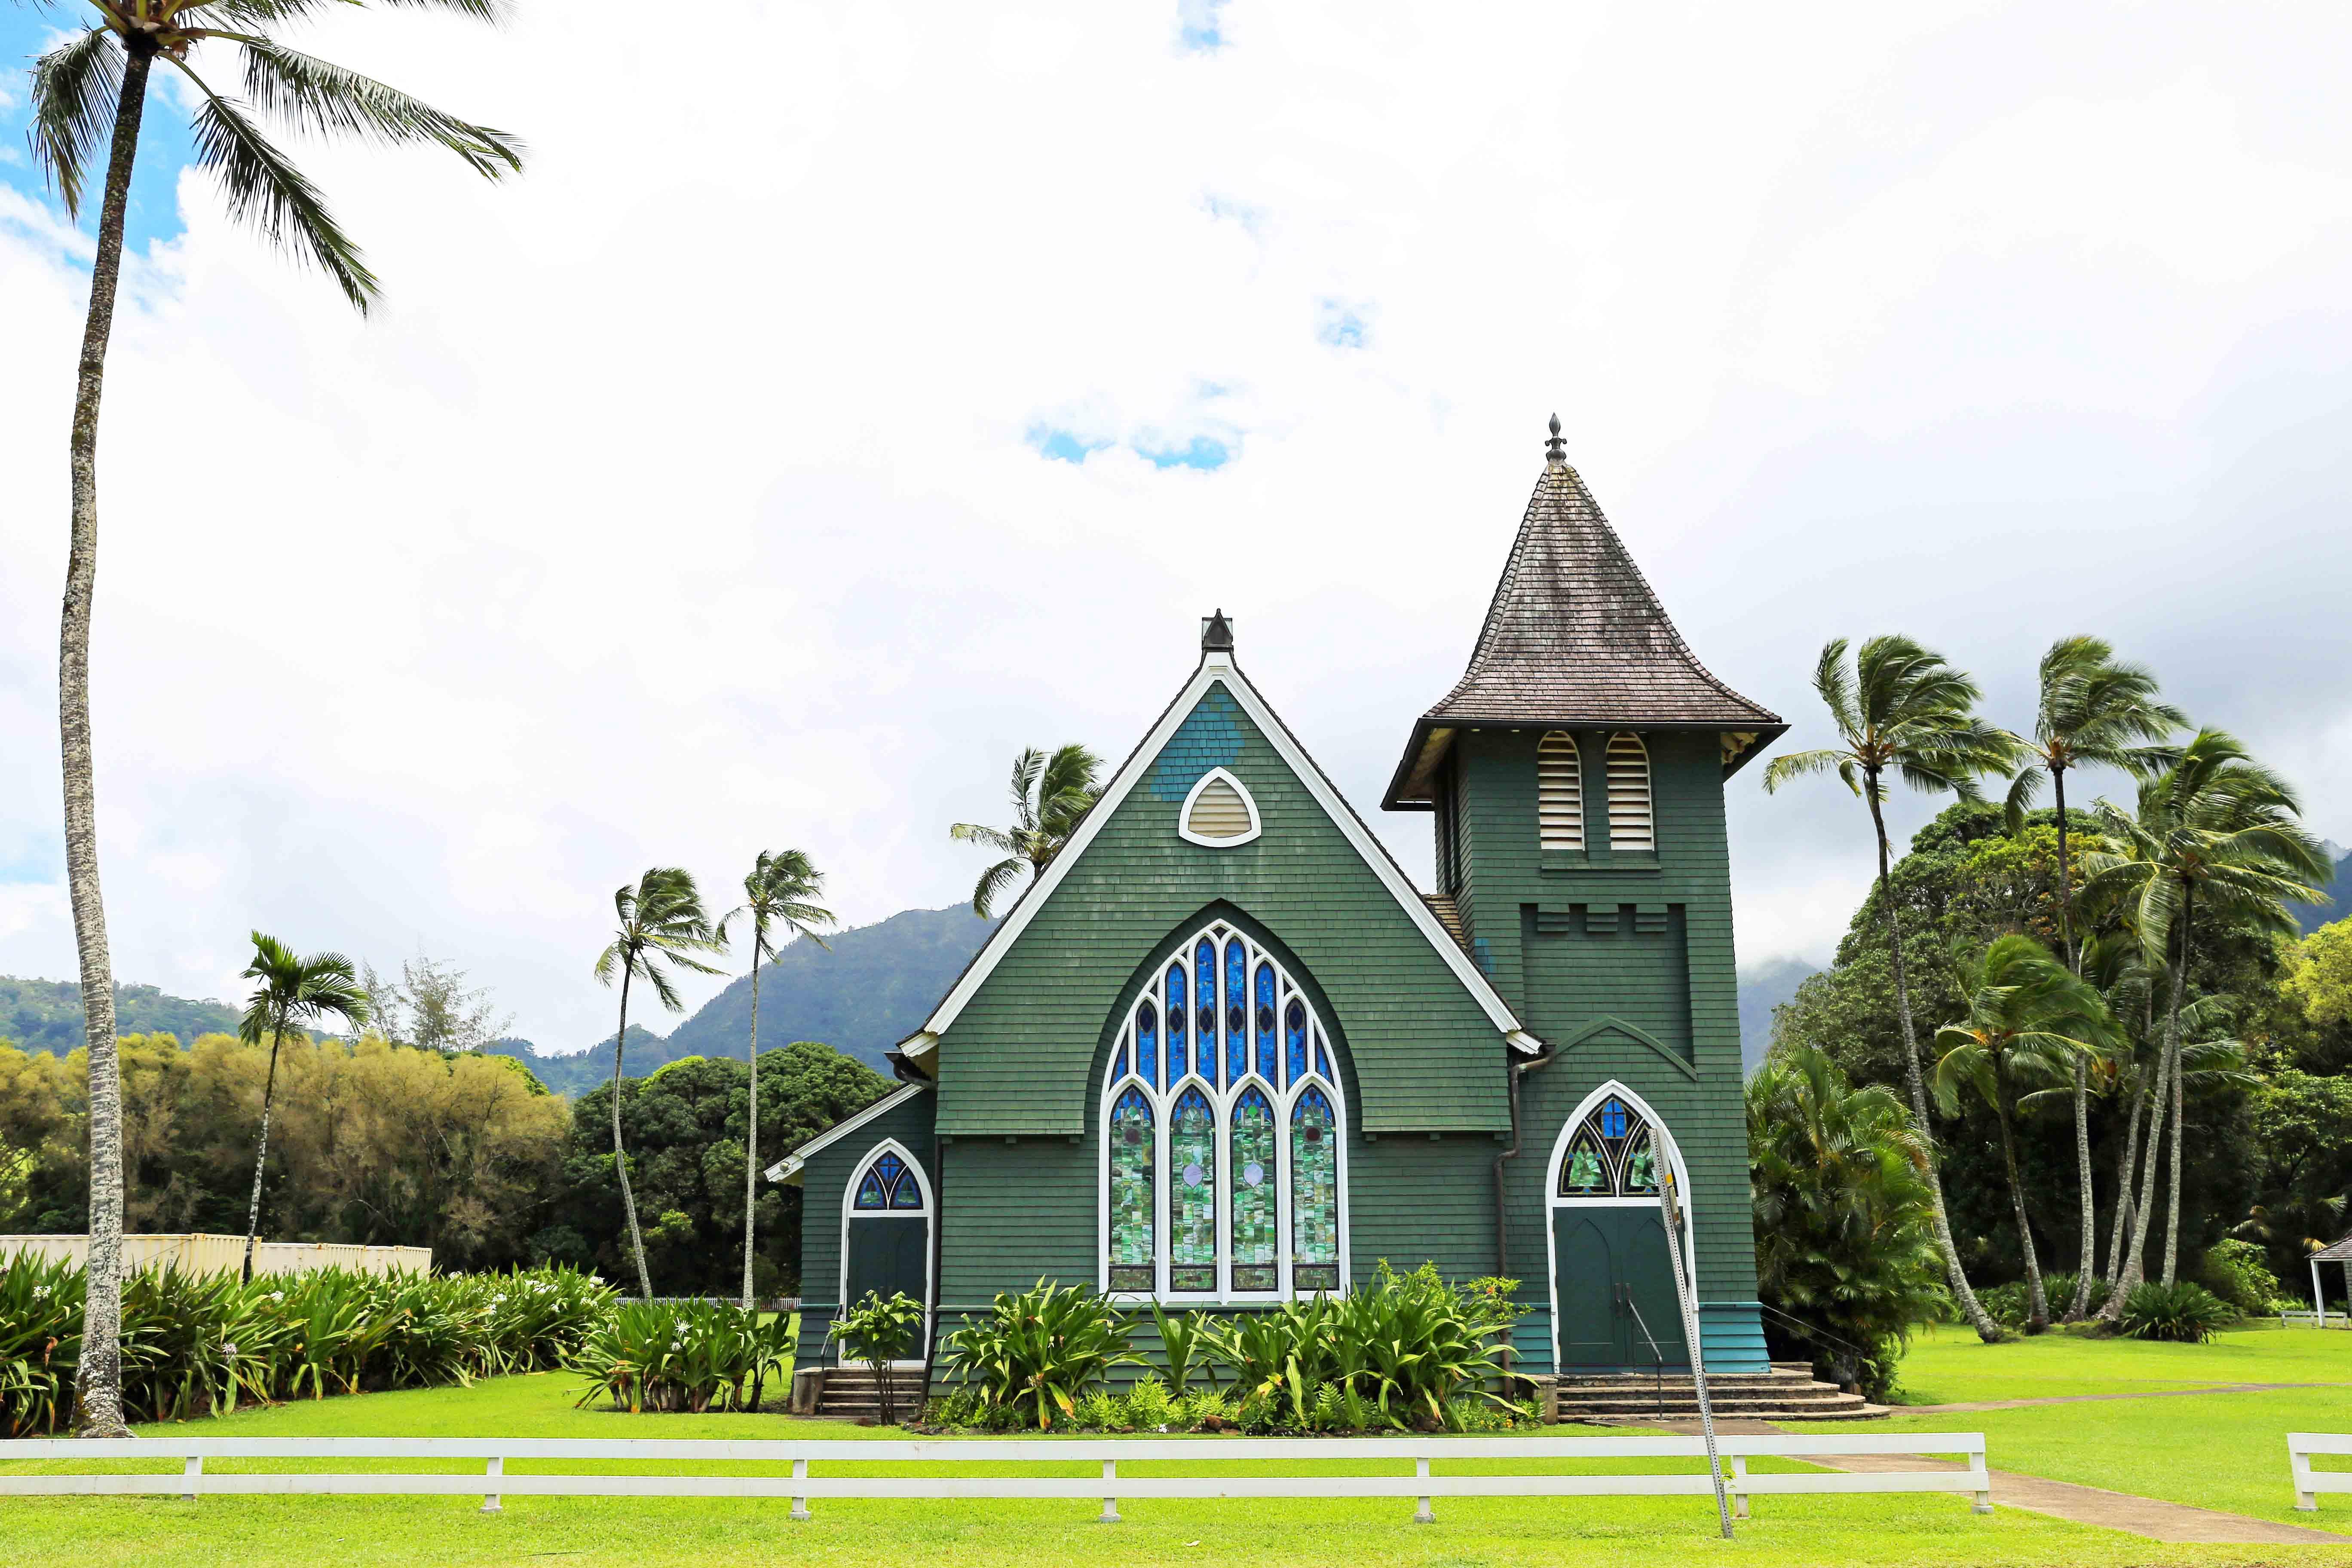 Kauai Hawaii Travel Guide. Waioli Huiia Church Hanalei Kauai Hawaii